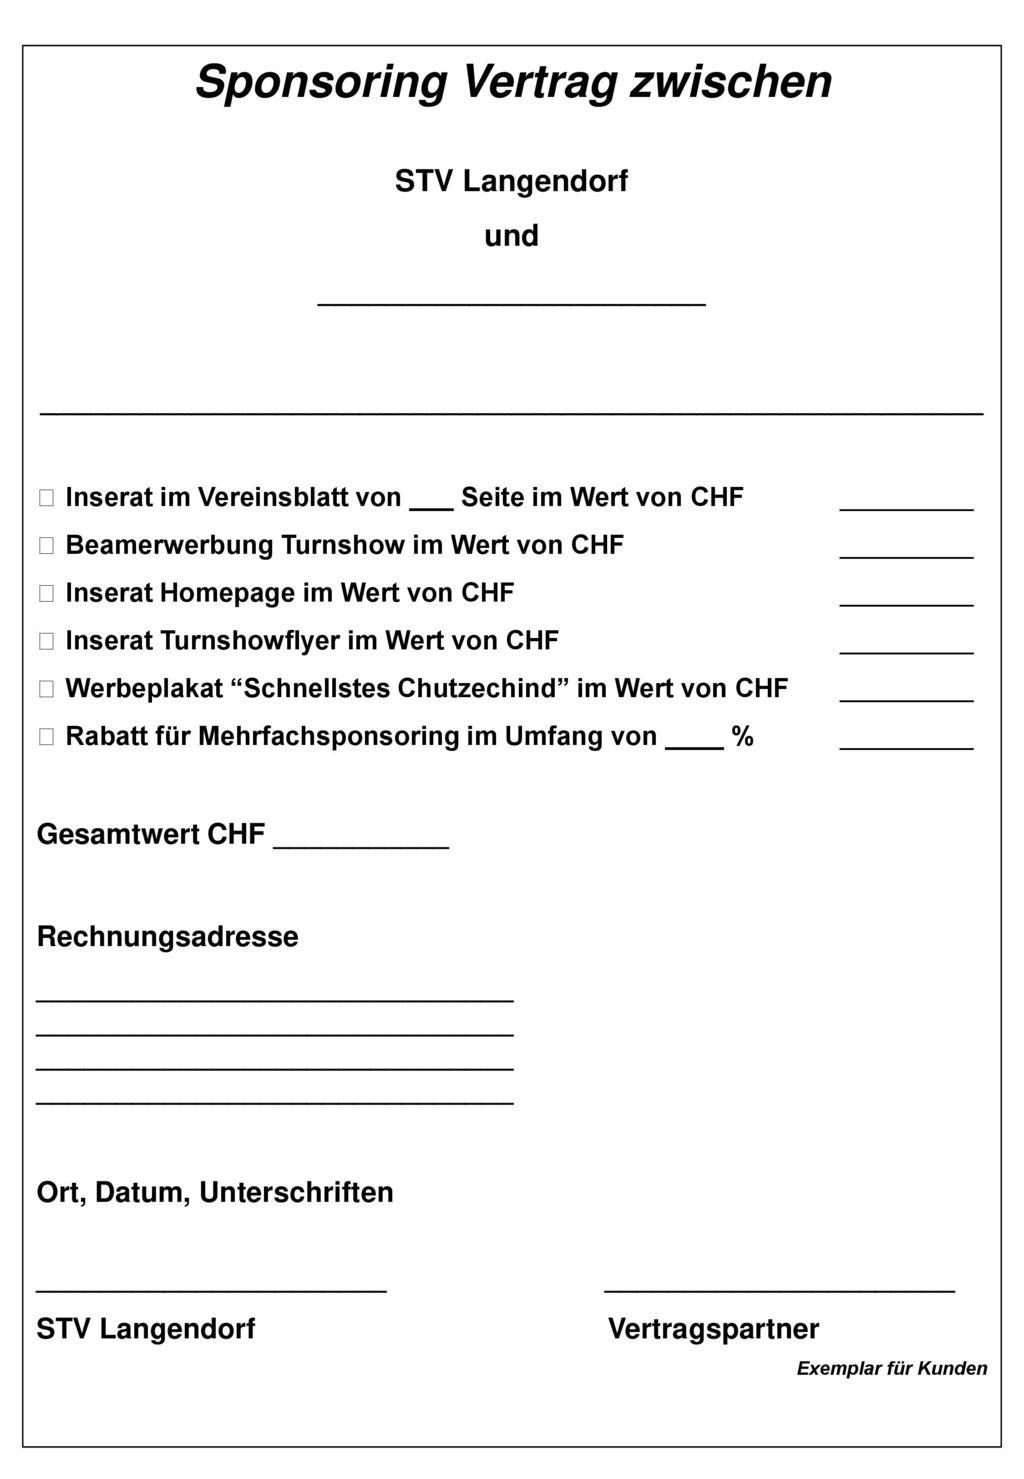 Schön Sponsoring Pakete Vorlagen Galerie - Bilder für das Lebenslauf ...